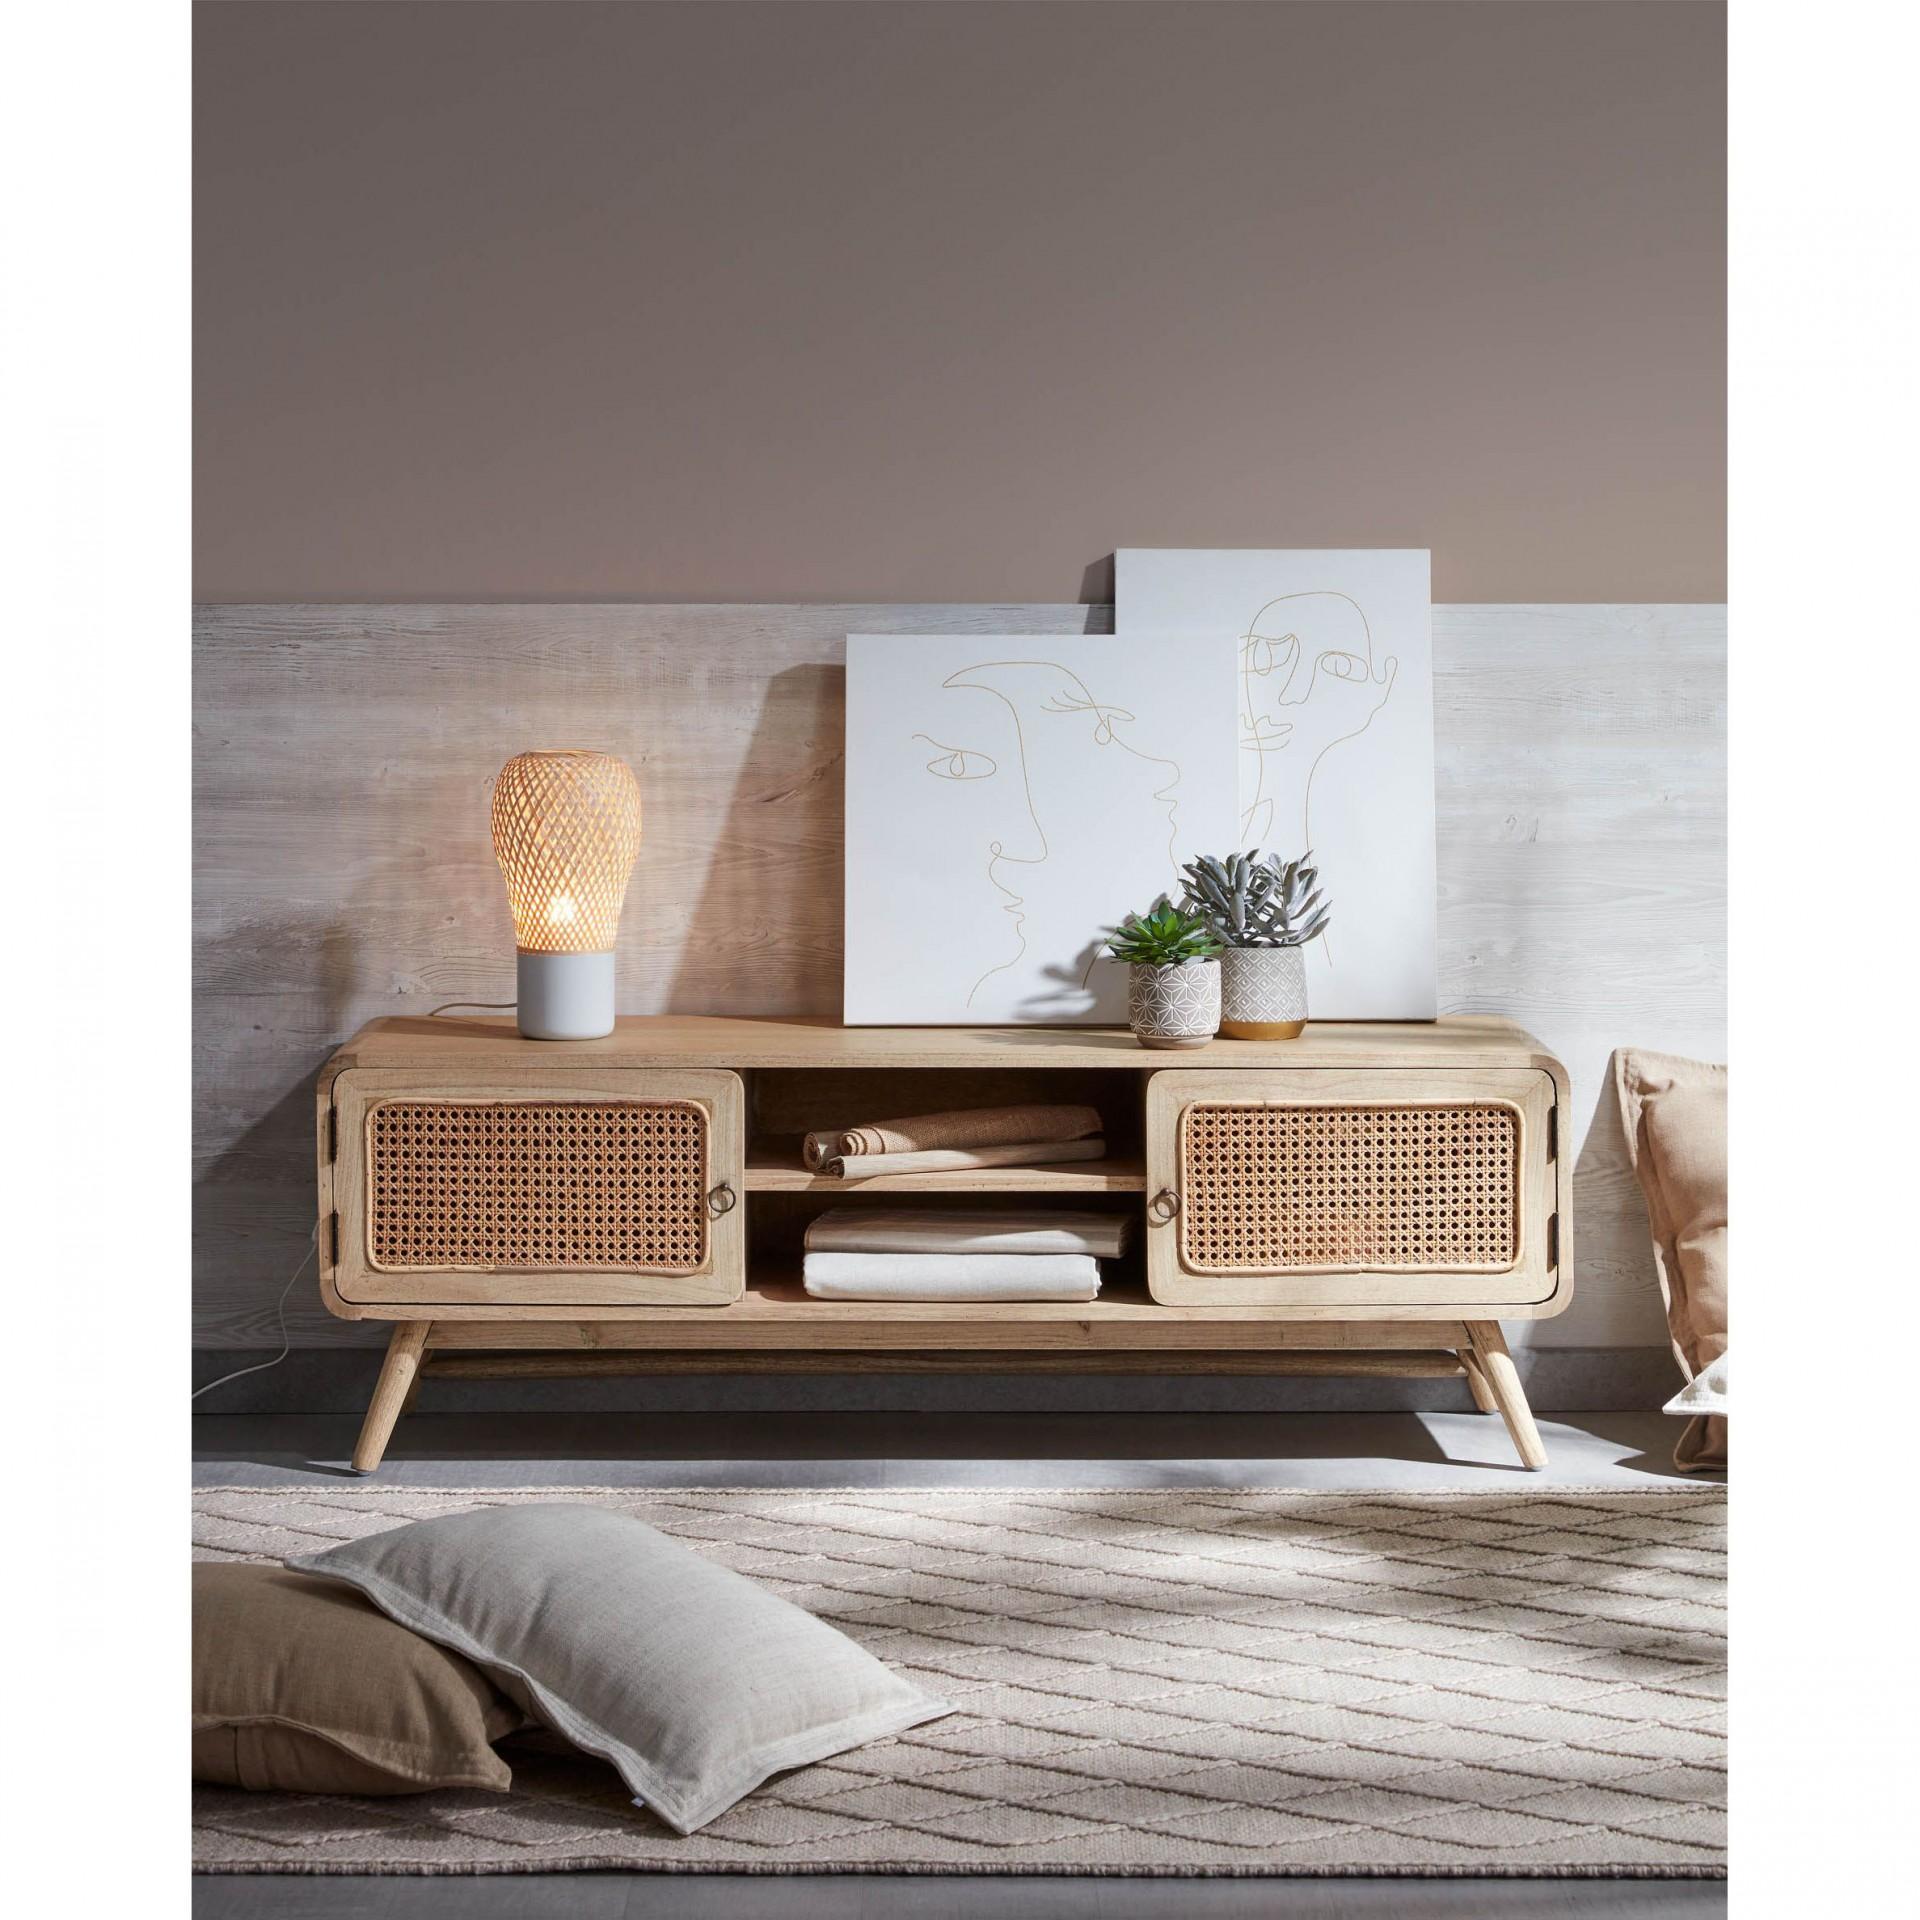 Candeeiro de mesa Aurora, bambu/metal, Ø18x34